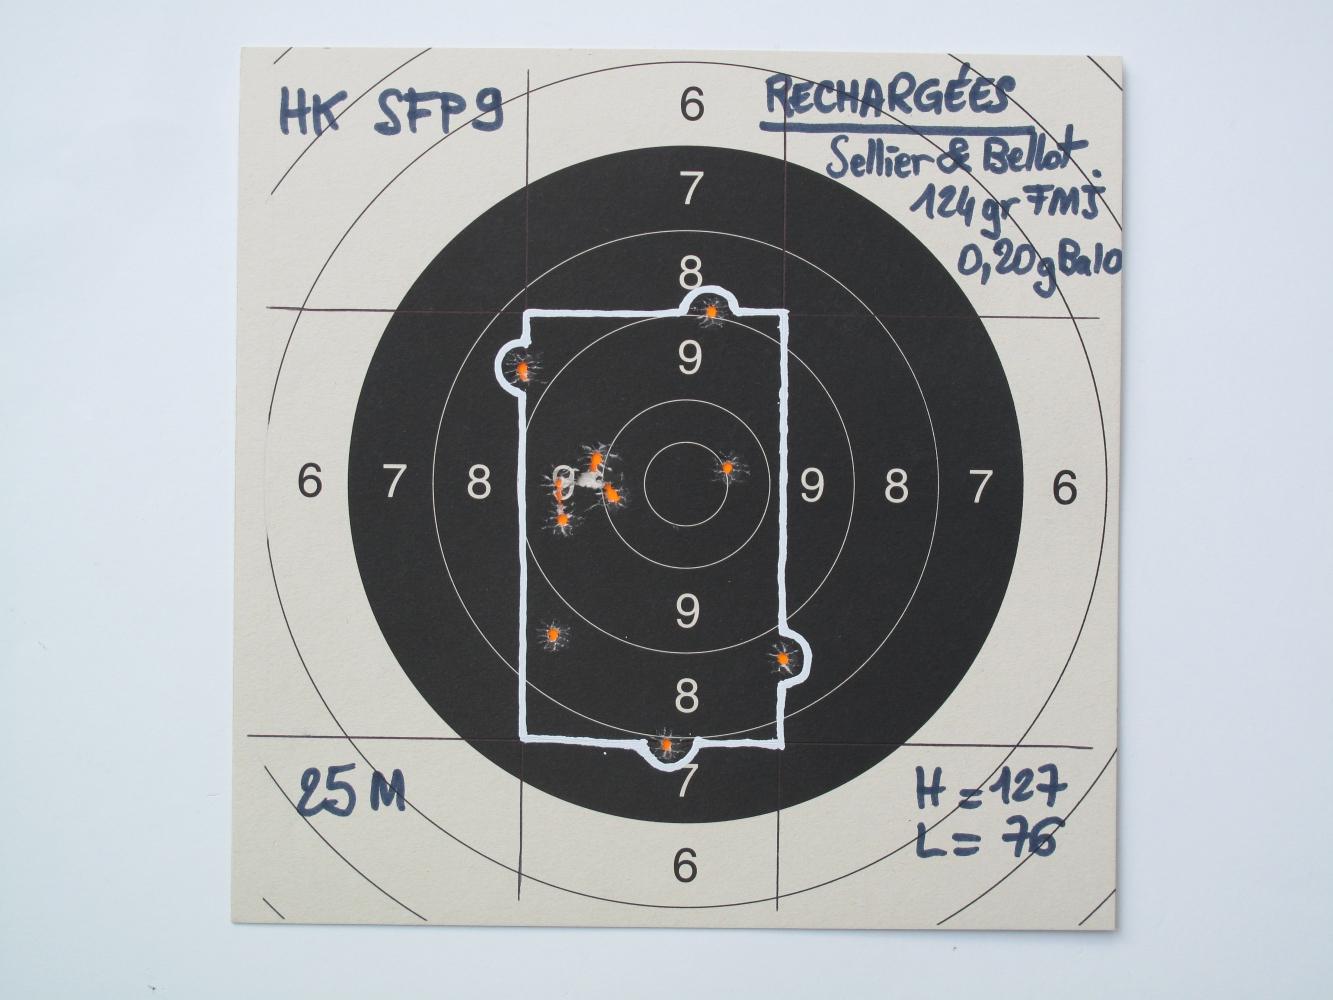 Nos cartouches chargées à la poudre Ba10 permettent d'obtenir dans cette arme une précision convenable, ce qui est tout à fait exceptionnel avec ces cartouches sous-chargées. Malheureusement, le tir ne peut s'effectuer qu'au coup par coup, le recul n'étant pas suffisamment vif pour assurer l'éjection de la douille vide.